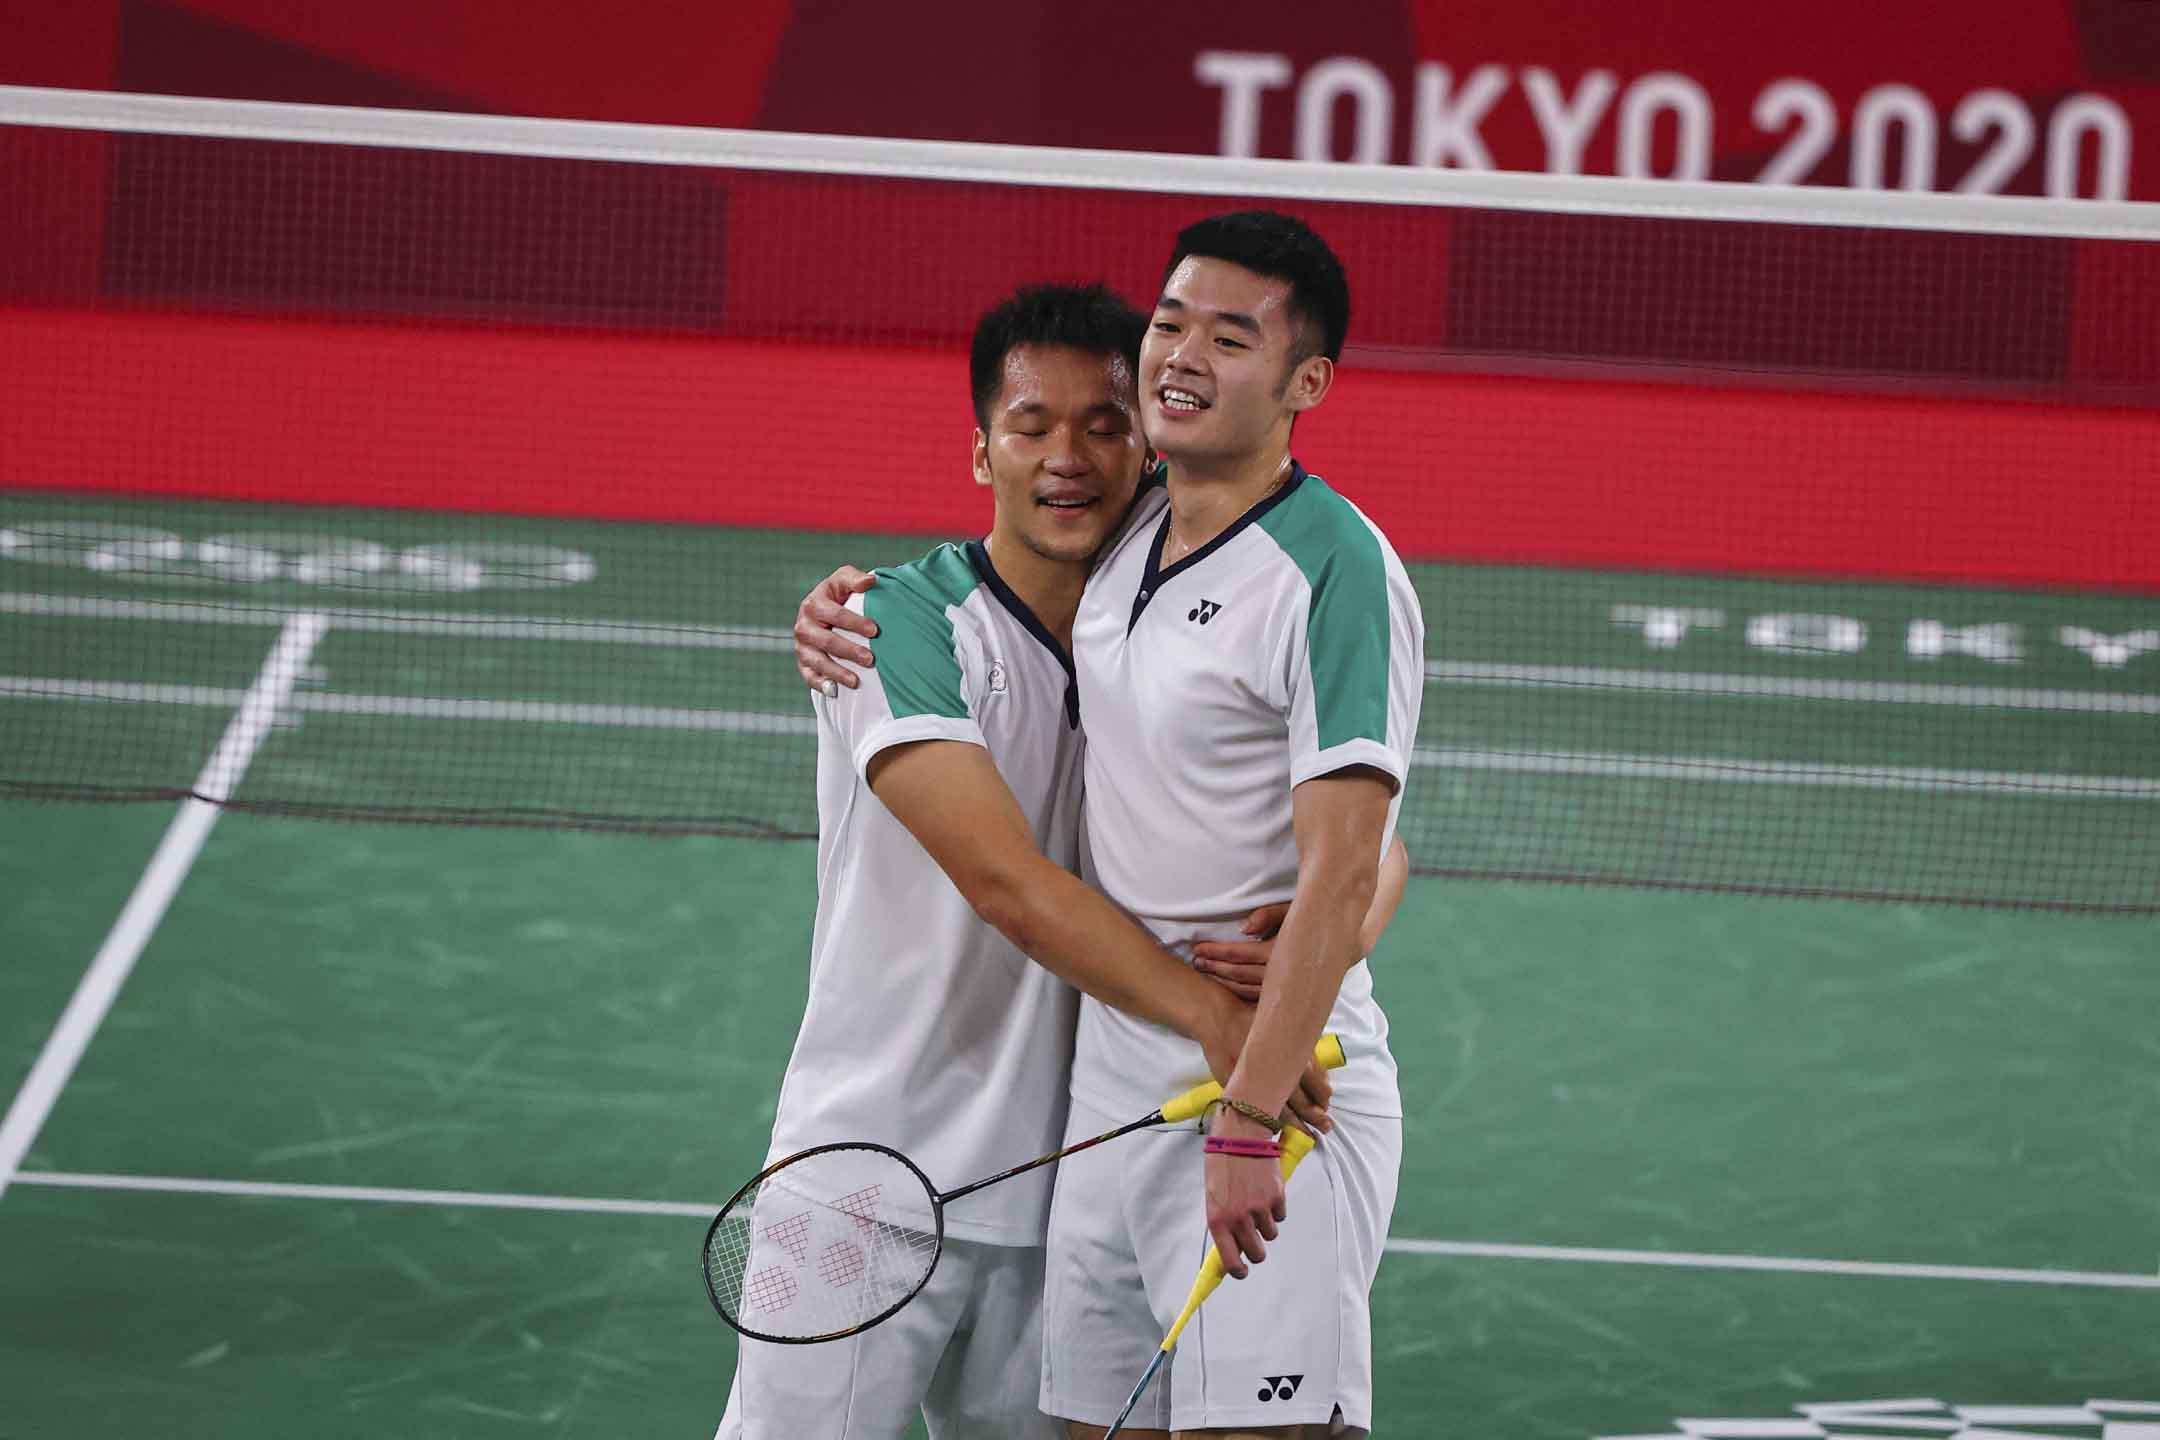 2021年7月31日東京奧運會羽毛球男雙決賽,中華台北李洋和王齊麟奪金。